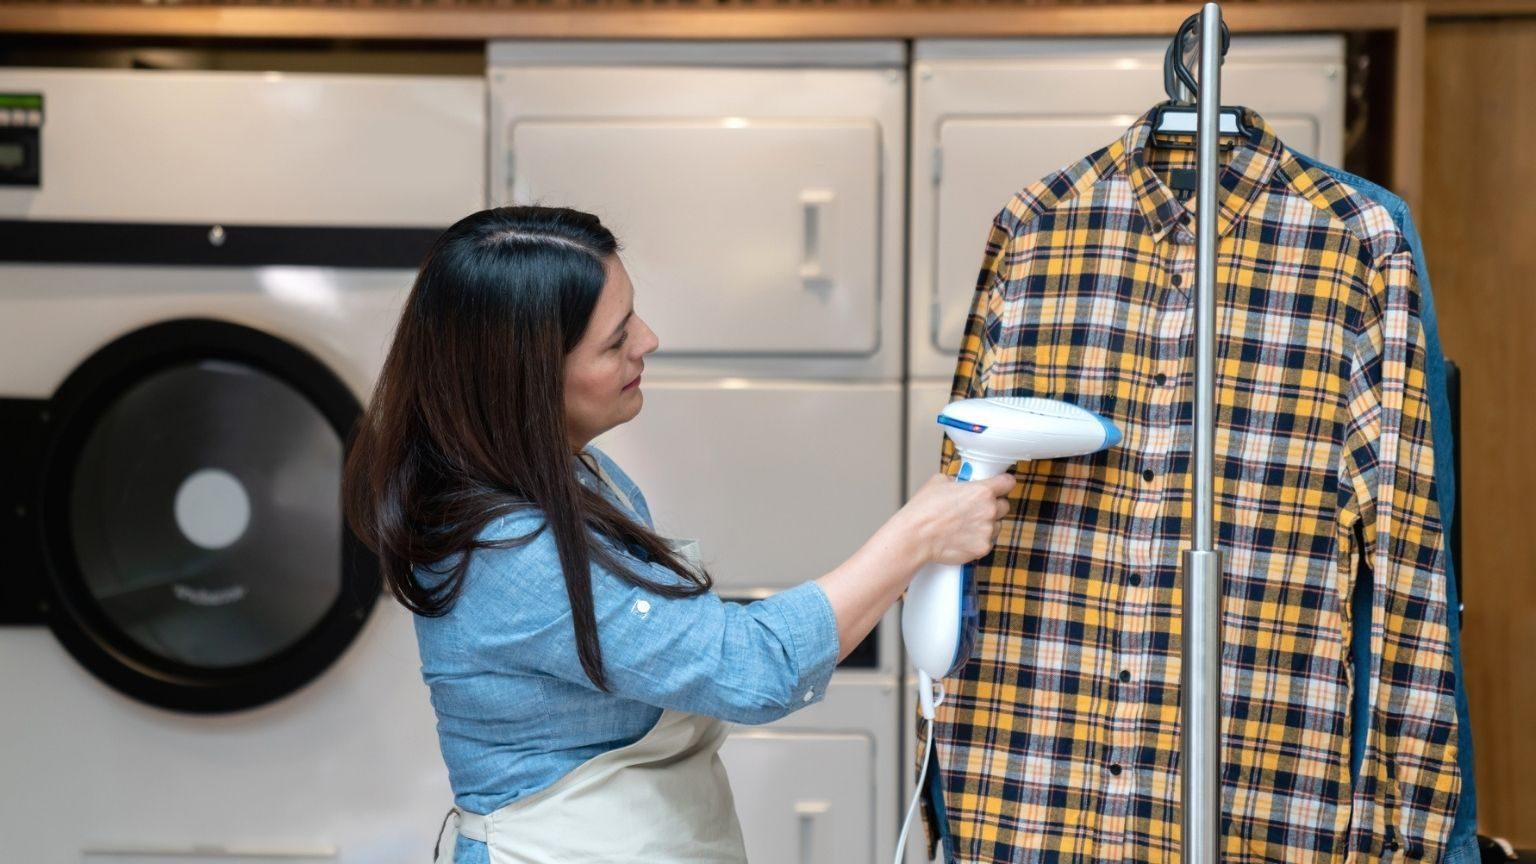 Woman using a garment steamer on shirt